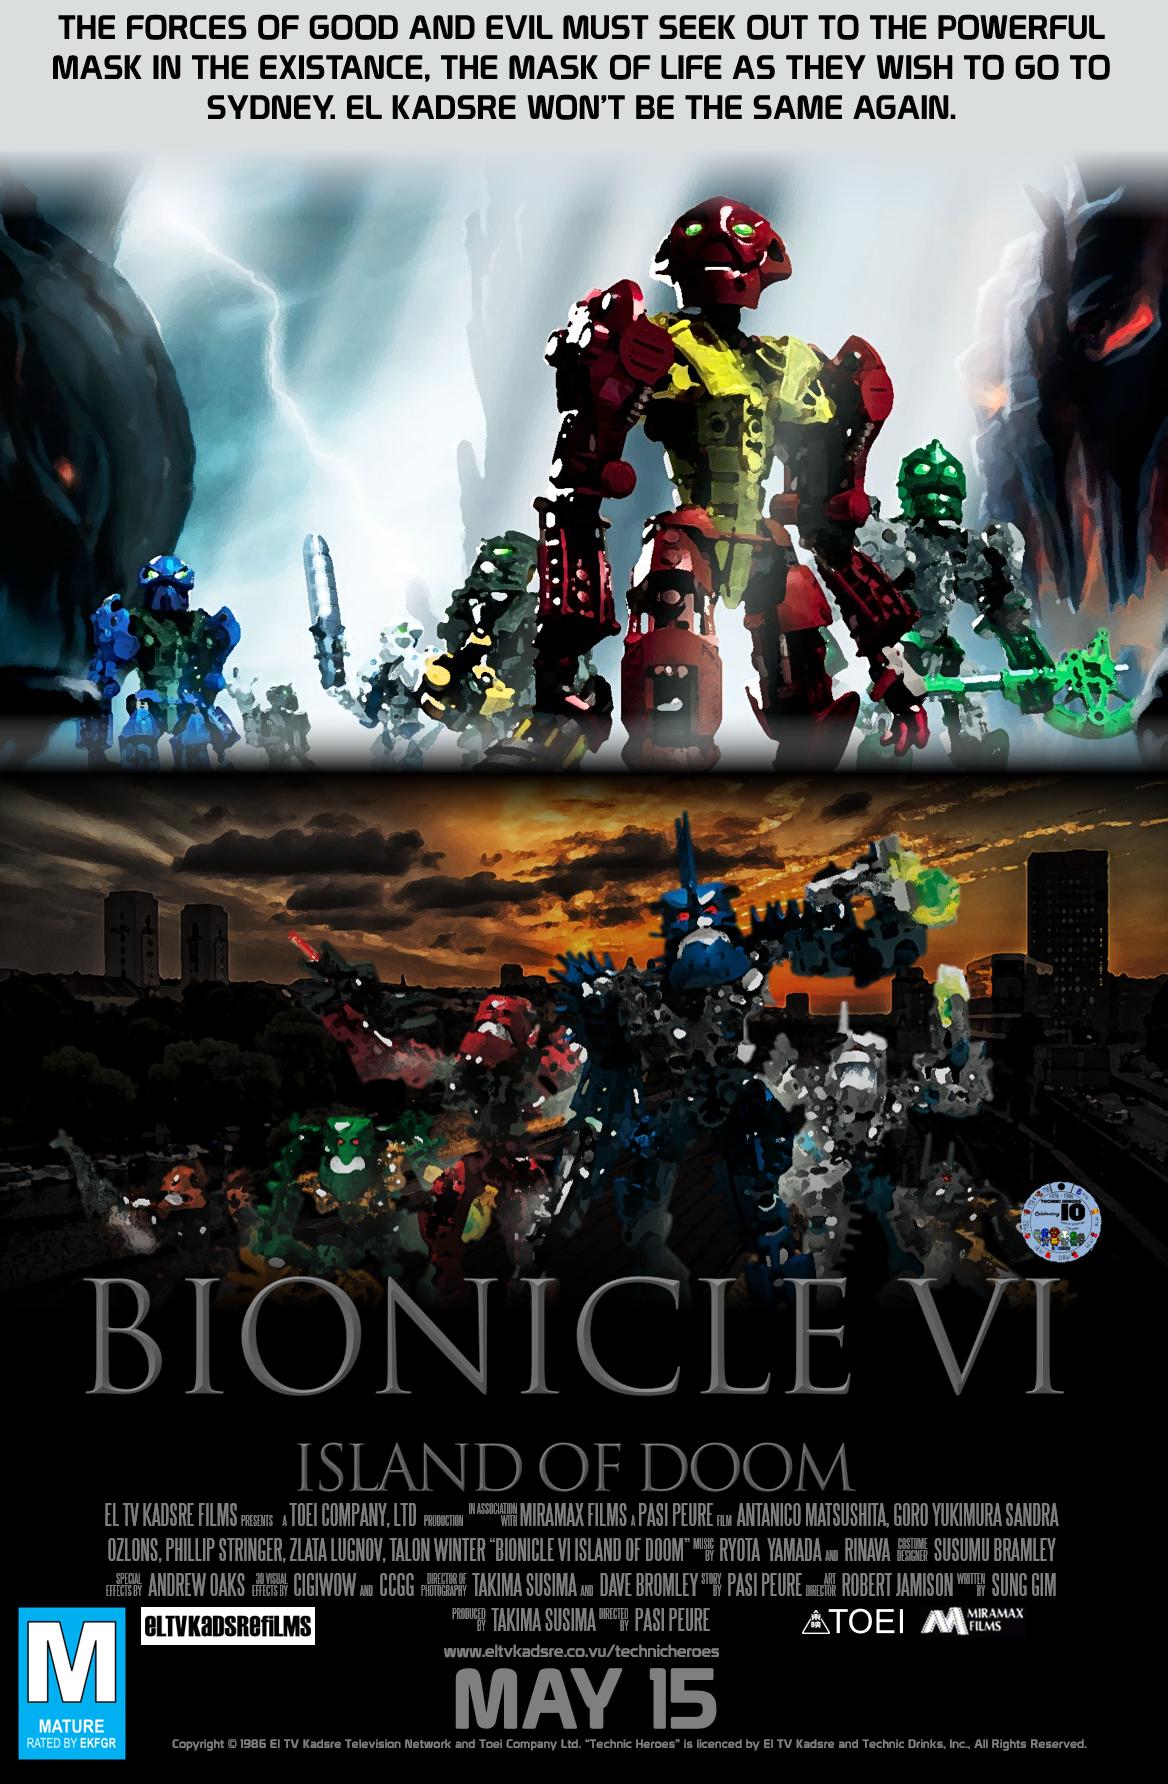 Bionicle VI: La isla de la perdición